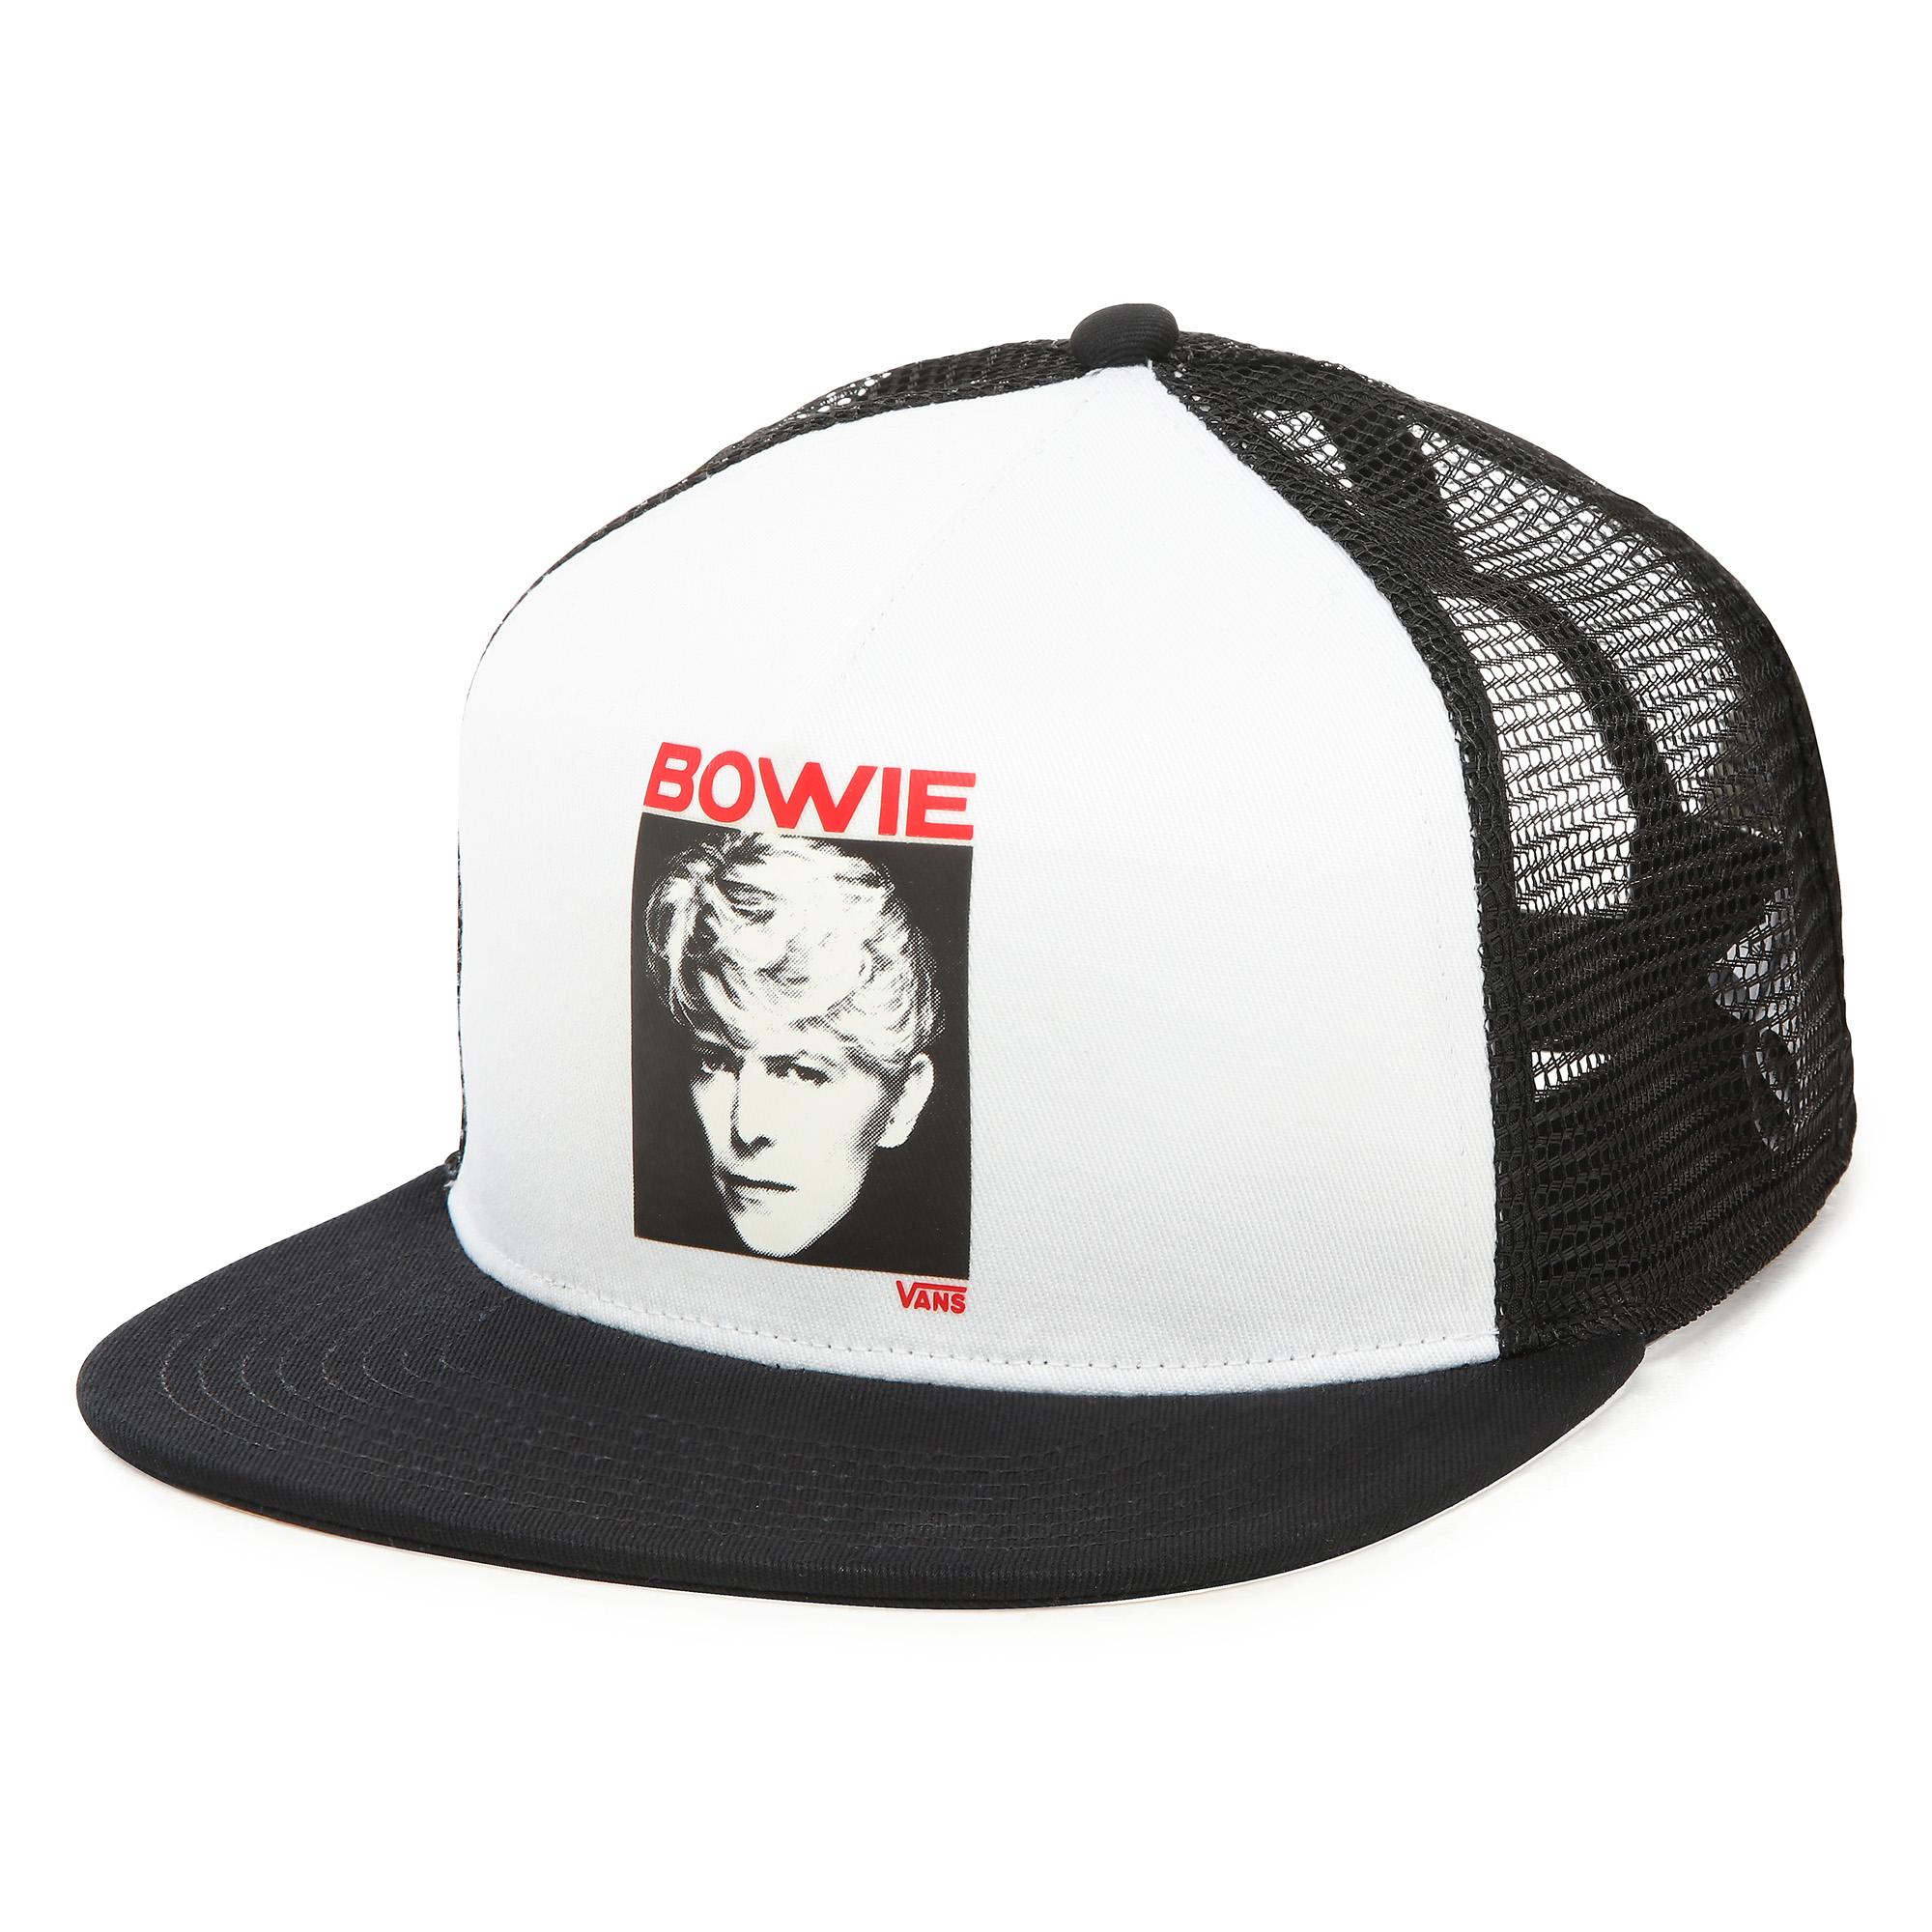 Фото 3 - Кепка David Bowie цвет белый/черный